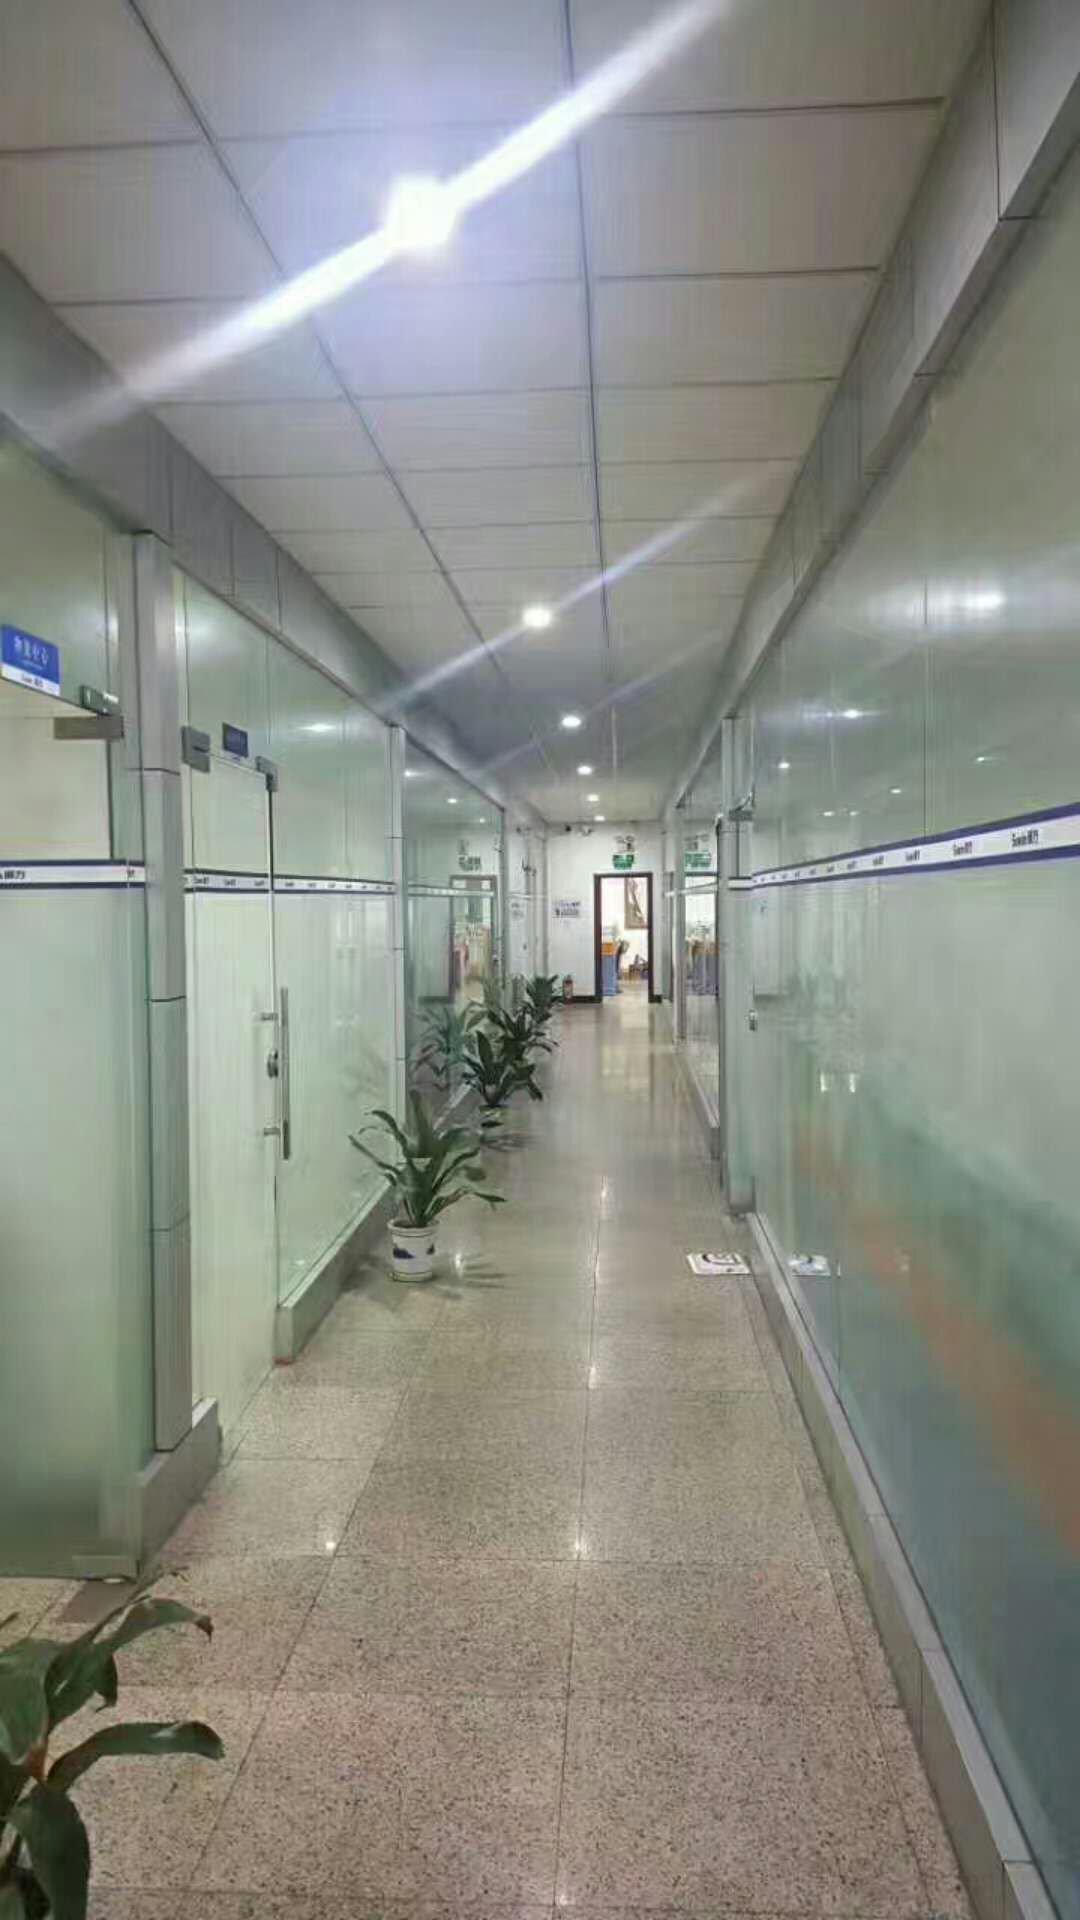 松岗地铁口新出一楼1700平米原房东厂房实际面积出租,可分租-图6